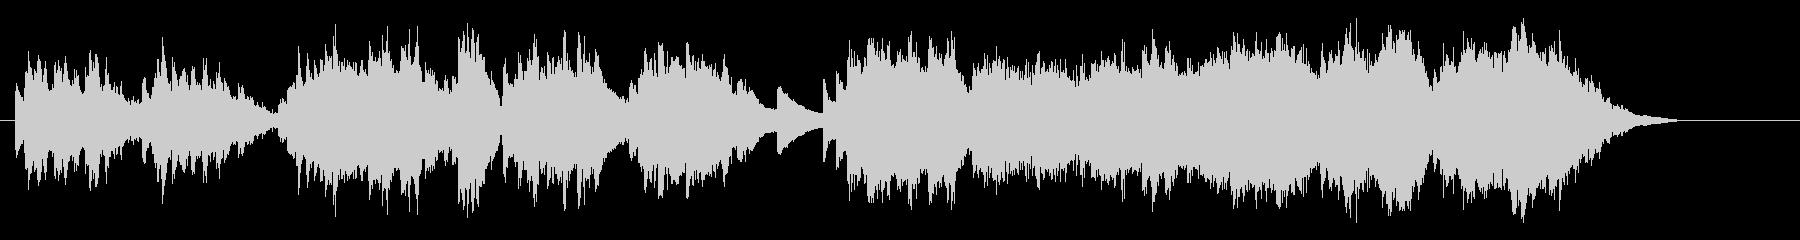 アンビエンス・タッチのピアノ・バラードの未再生の波形